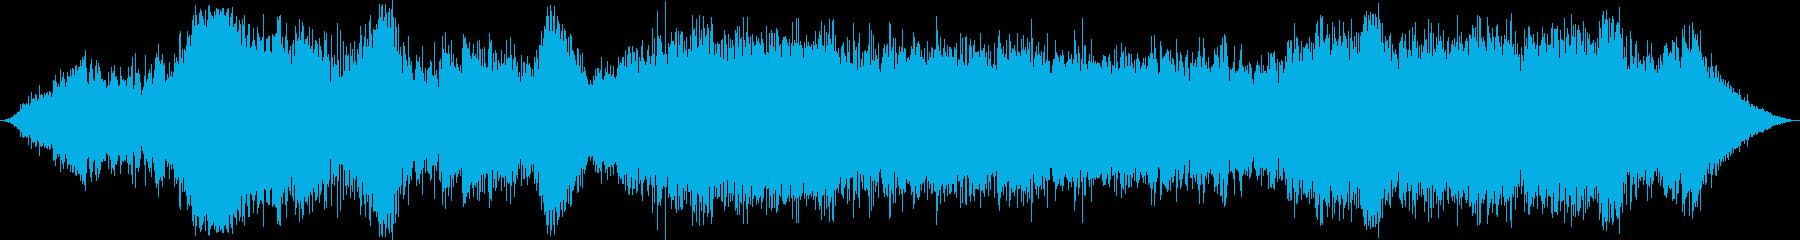 ラジオ制作シーン:カーチェイス:ス...の再生済みの波形